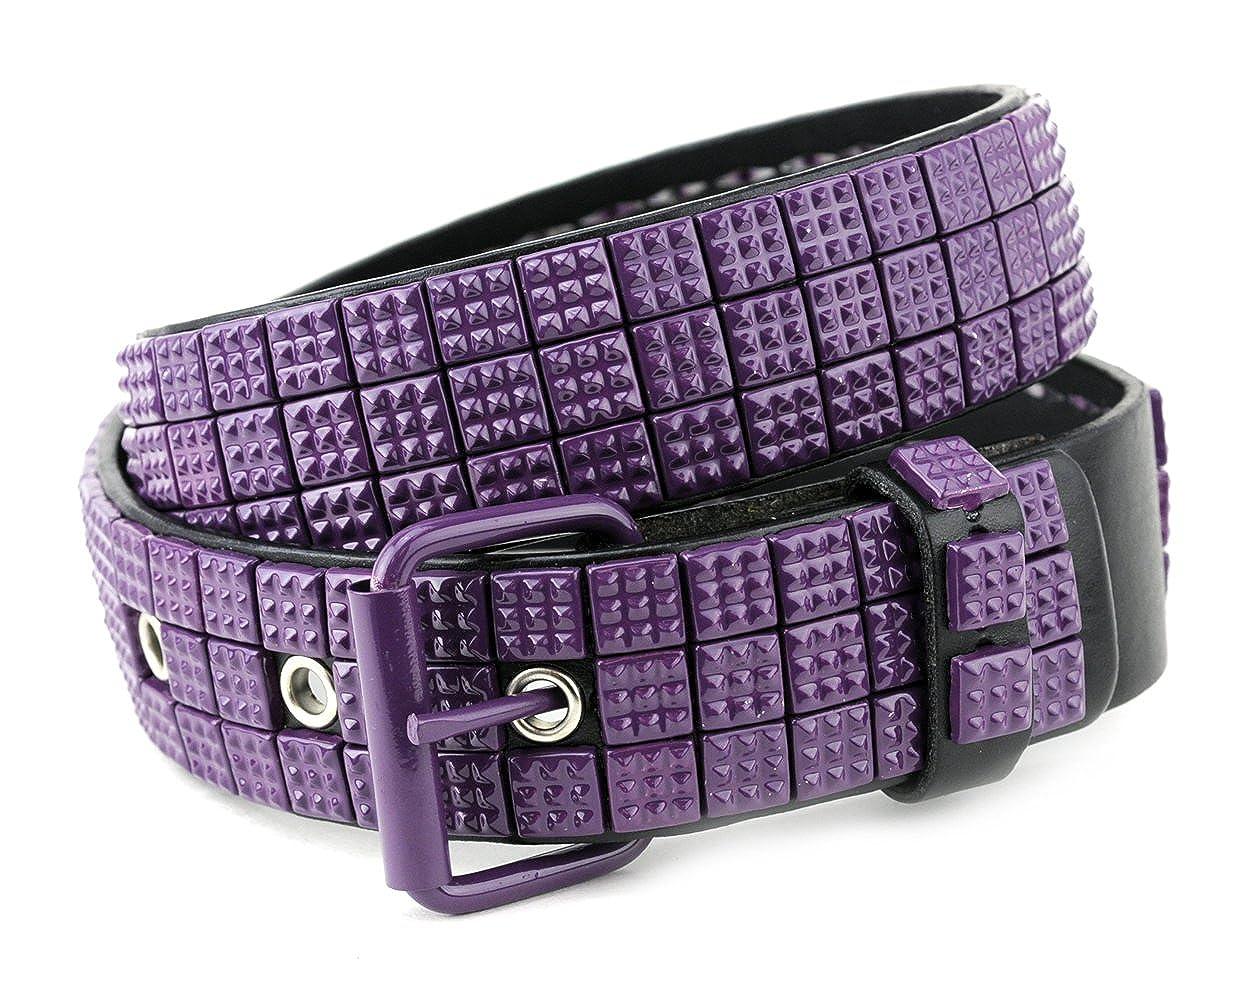 b41237263f5f NYfashion101 Superbe et rare ceinture à mini clous de style punk des ...